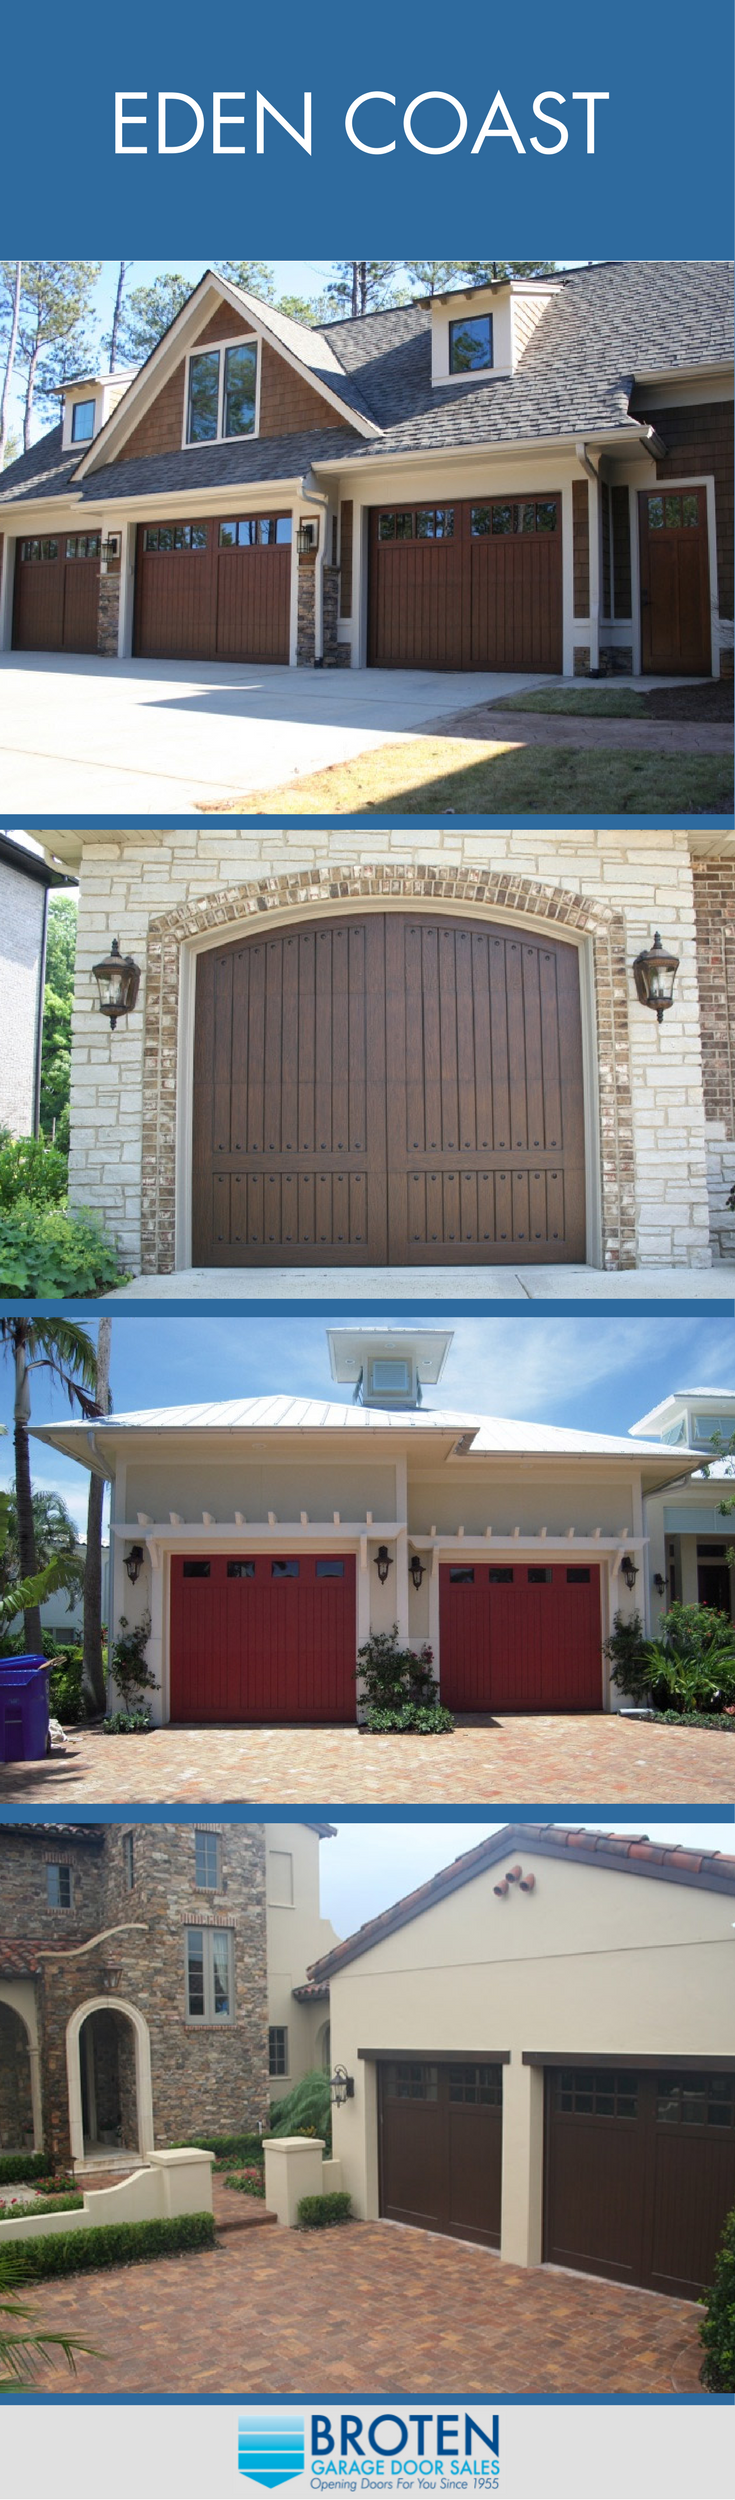 Eden Coast Garage Doors Garage Doors And Garage Door Sales